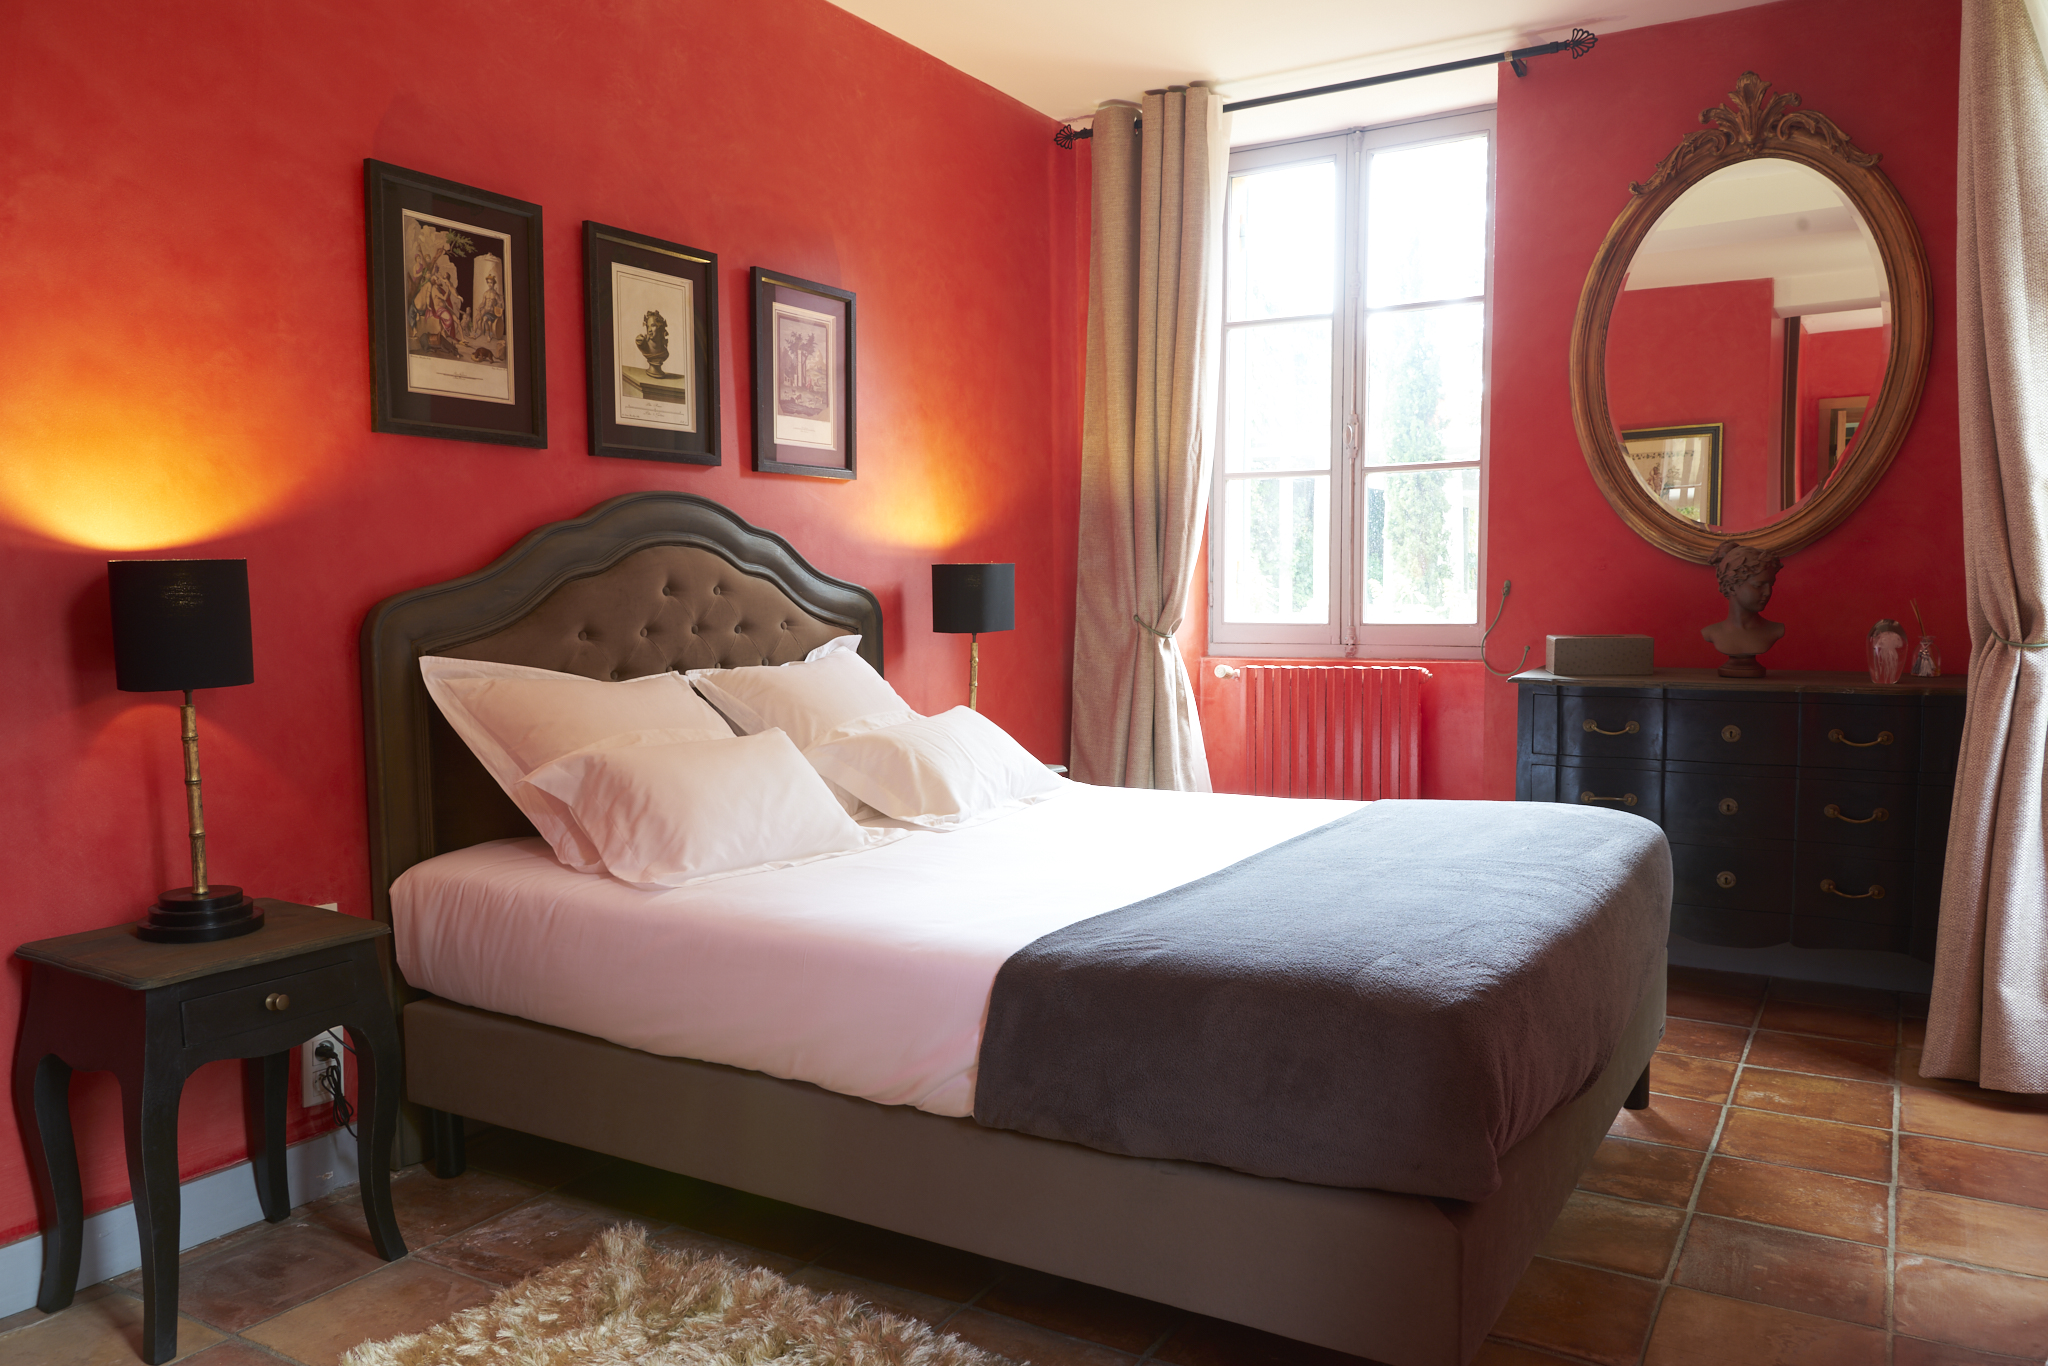 photo de la chambre d'hôte rouge située dans le château Pont Saint-Martin, Pessac Léognan, Bordeaux, dégustation de vin